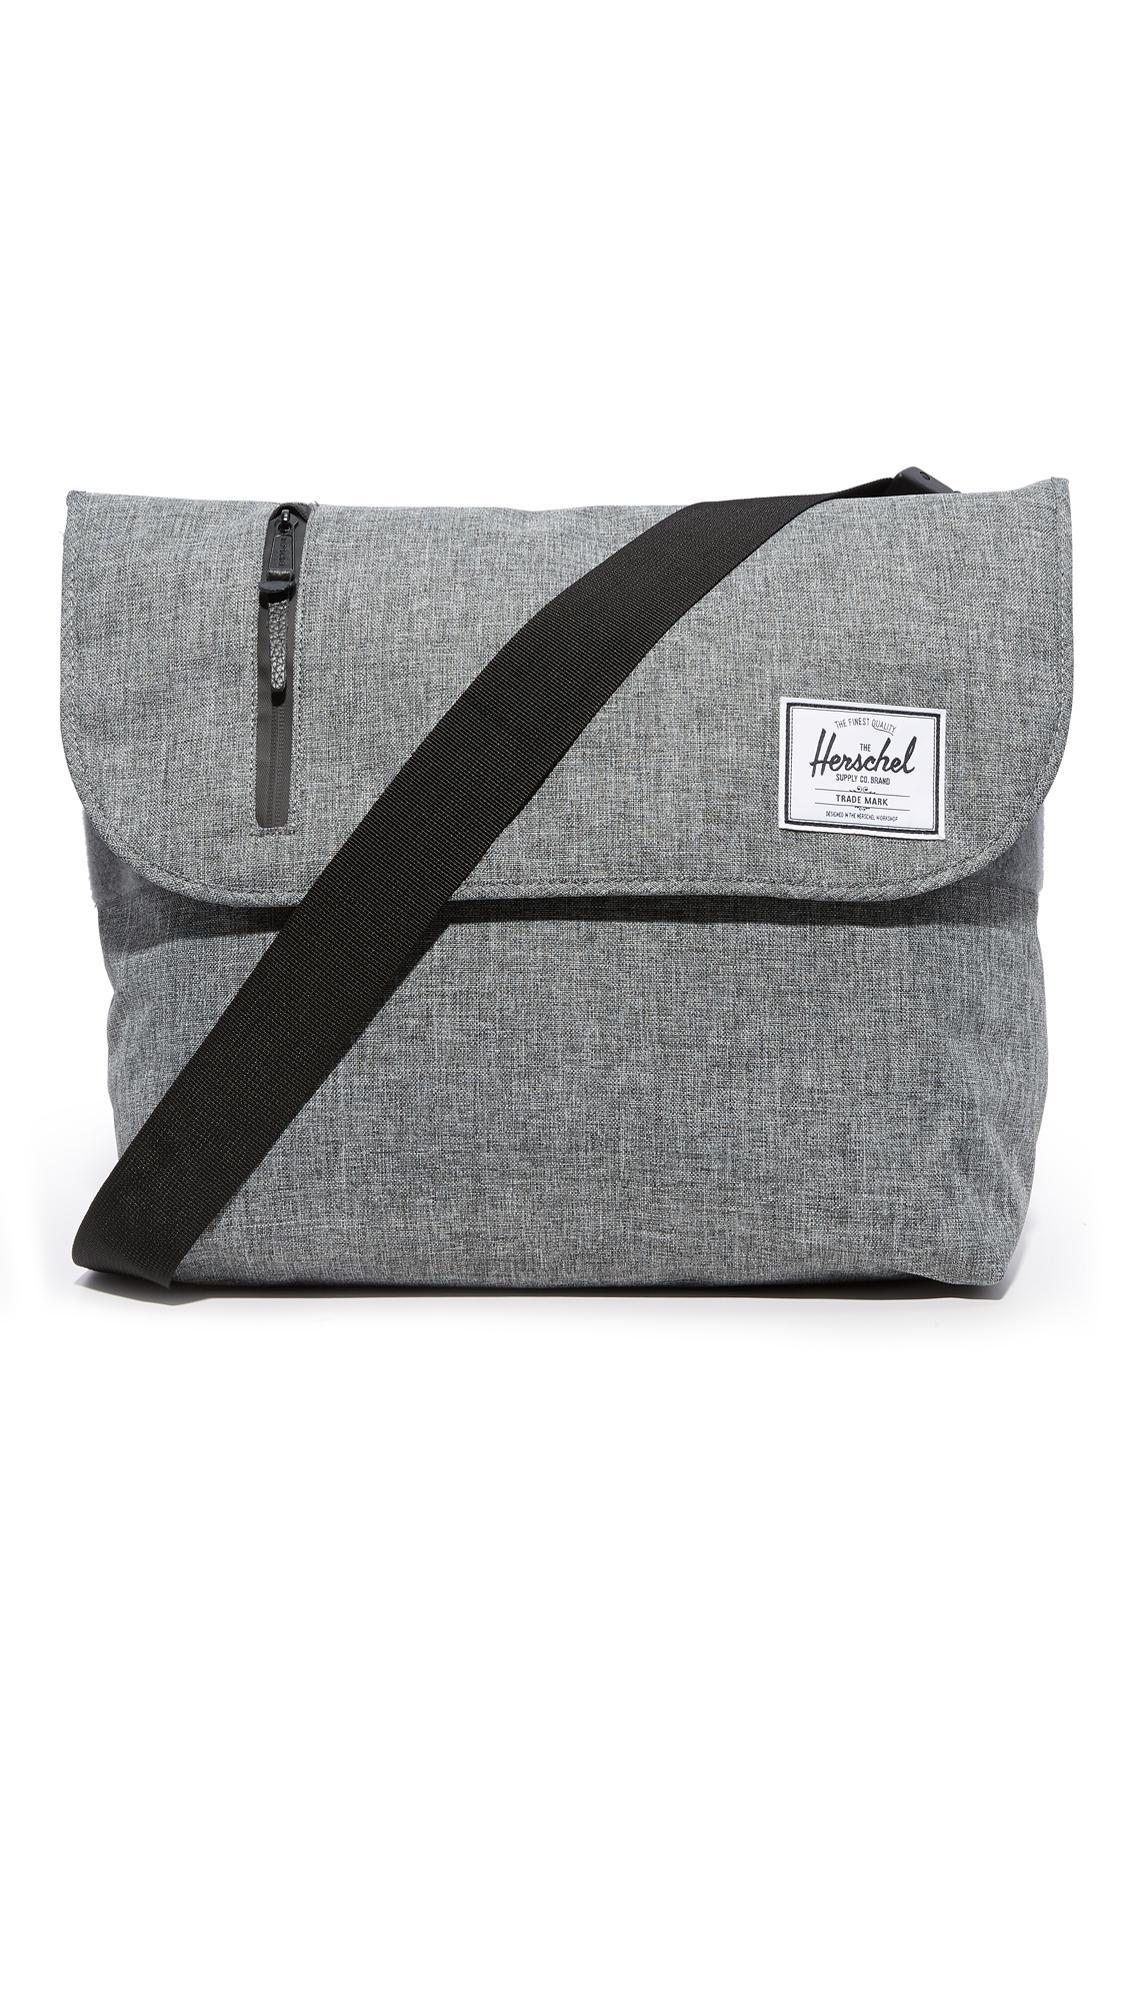 8c85e7daee5f Lyst - Herschel Supply Co. Odell Messenger Bag for Men